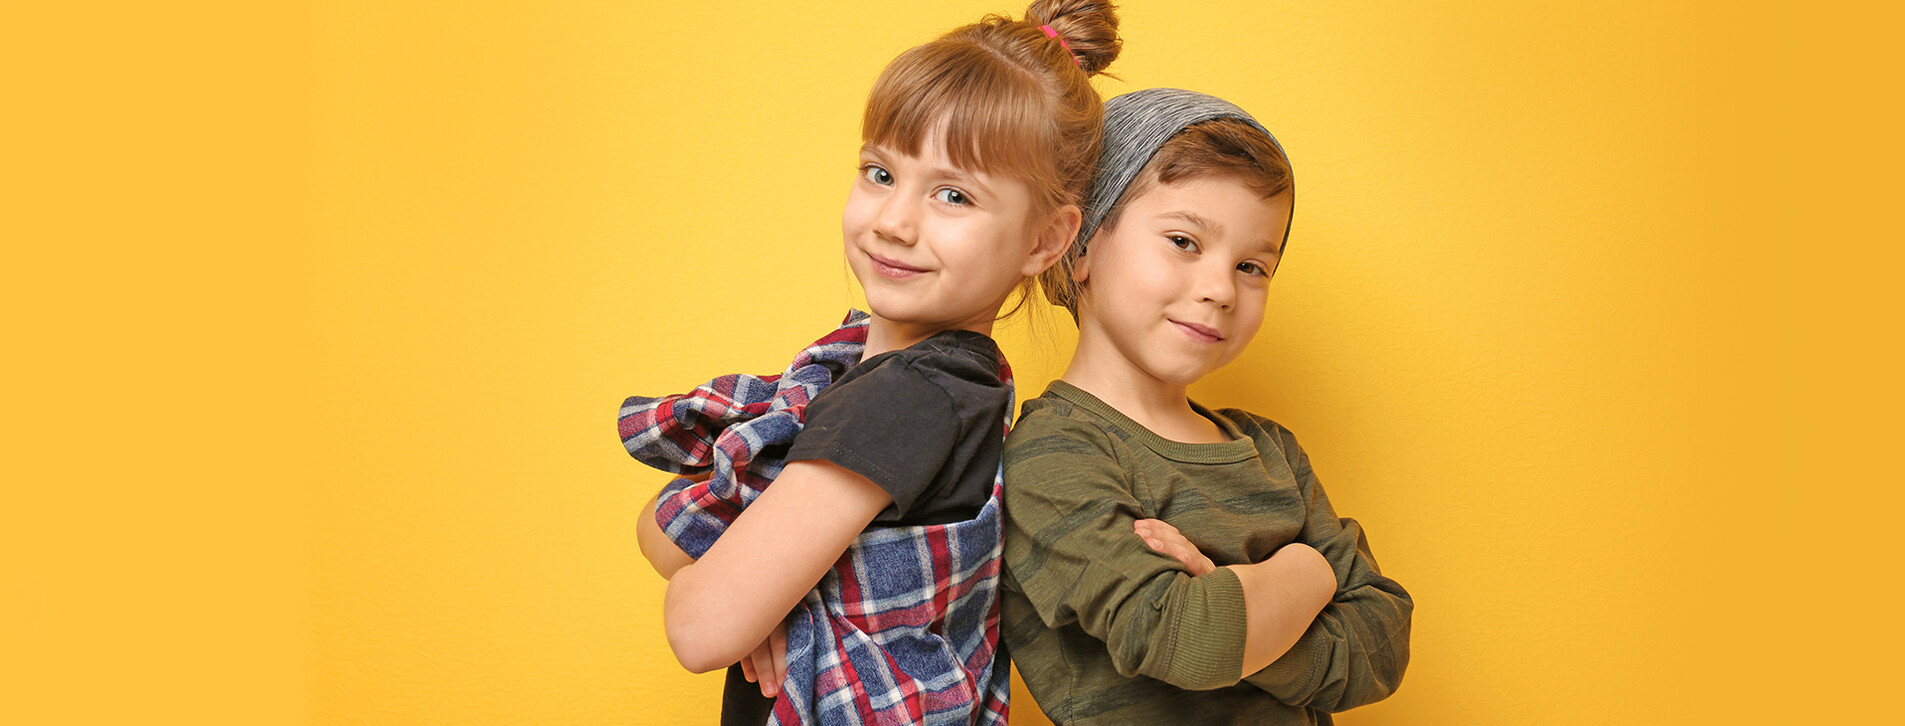 Фото 1 - Детская фотосессия для двоих